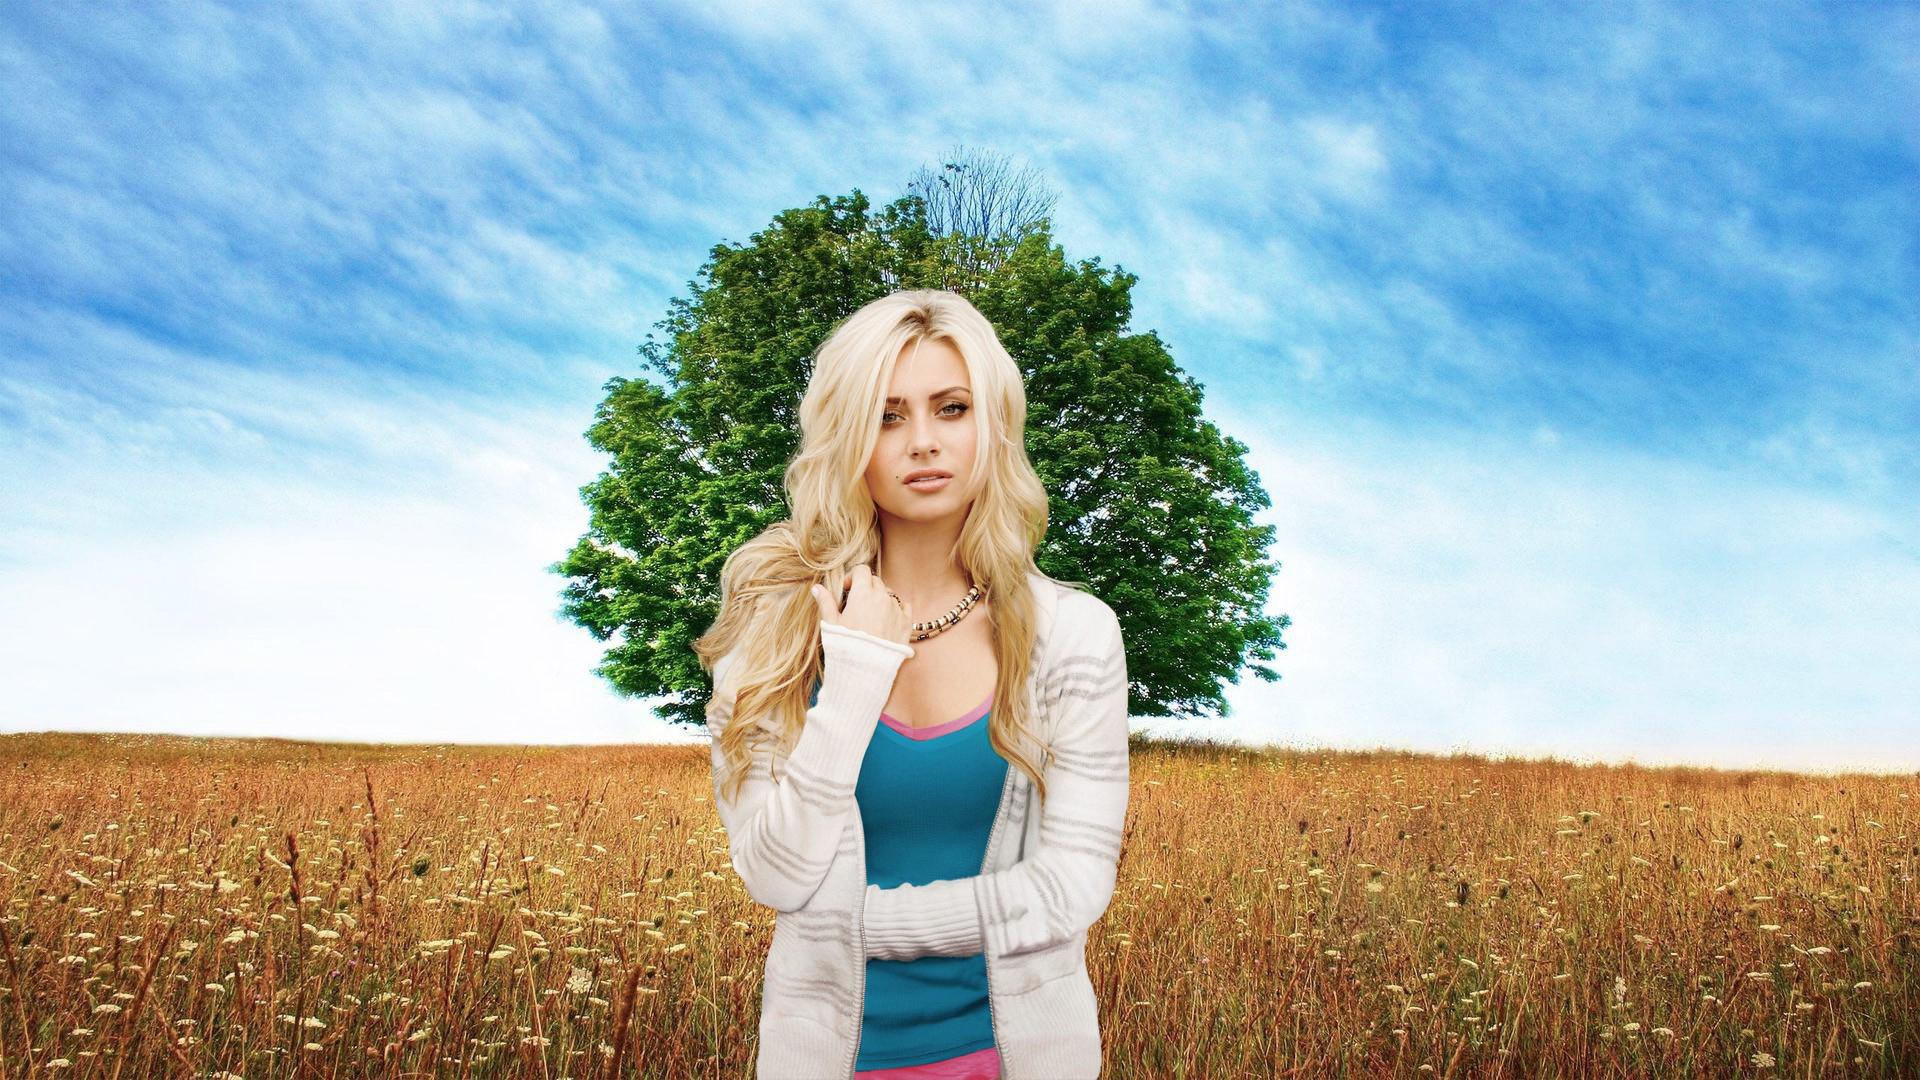 девушка поле деревья  № 3581974 бесплатно